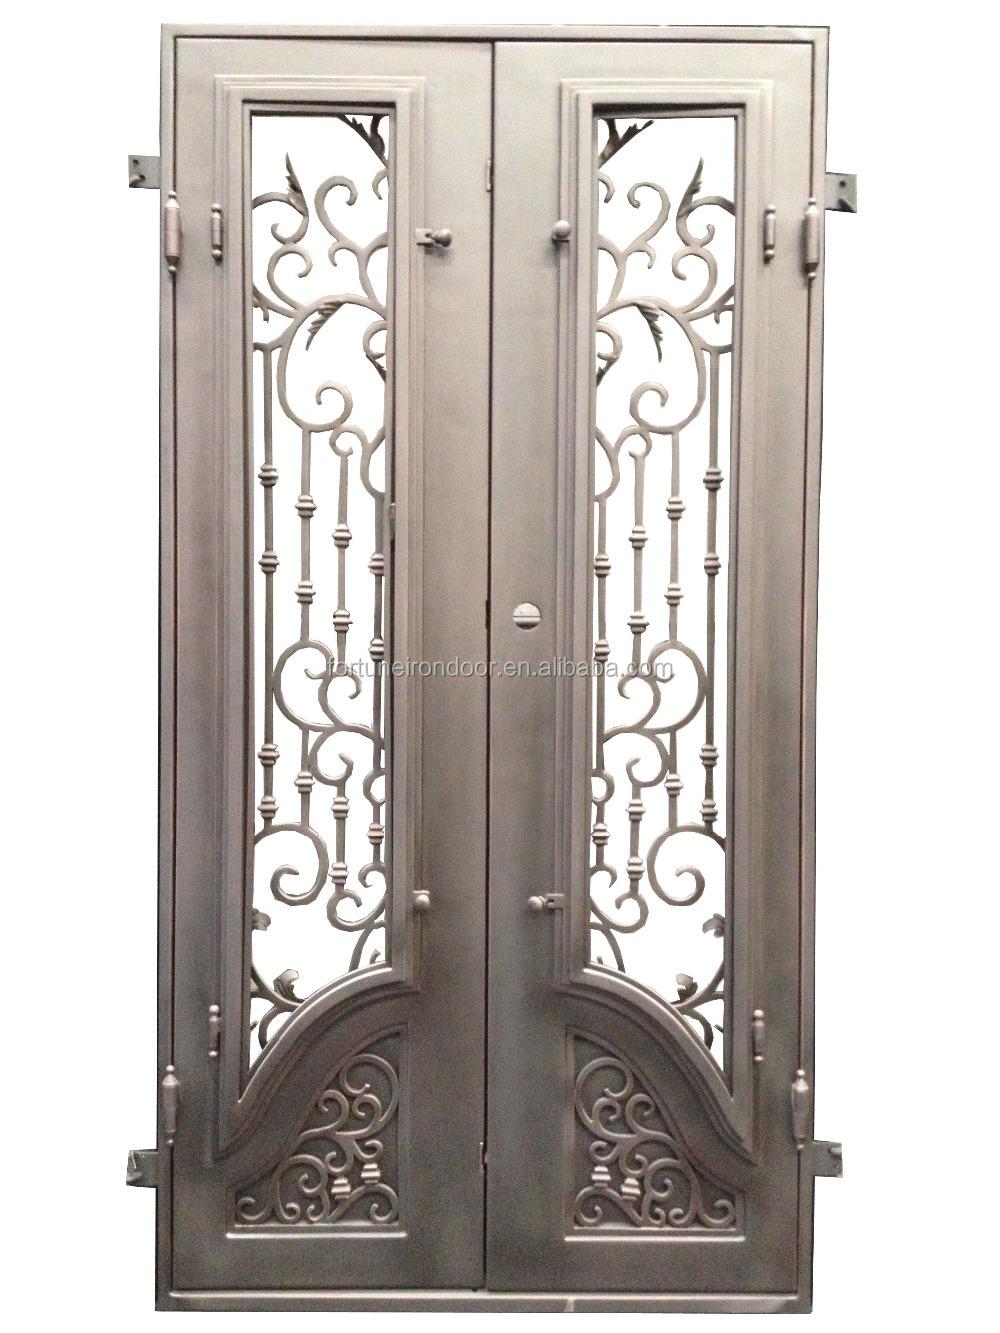 Beau Decoration Des Portes En Fer #6: Rechercher Les Fabricants Des Porte Du0027entrée En Fer Forgé Produits De  Qualité Supérieure Porte Du0027entrée En Fer Forgé Sur Alibaba.com